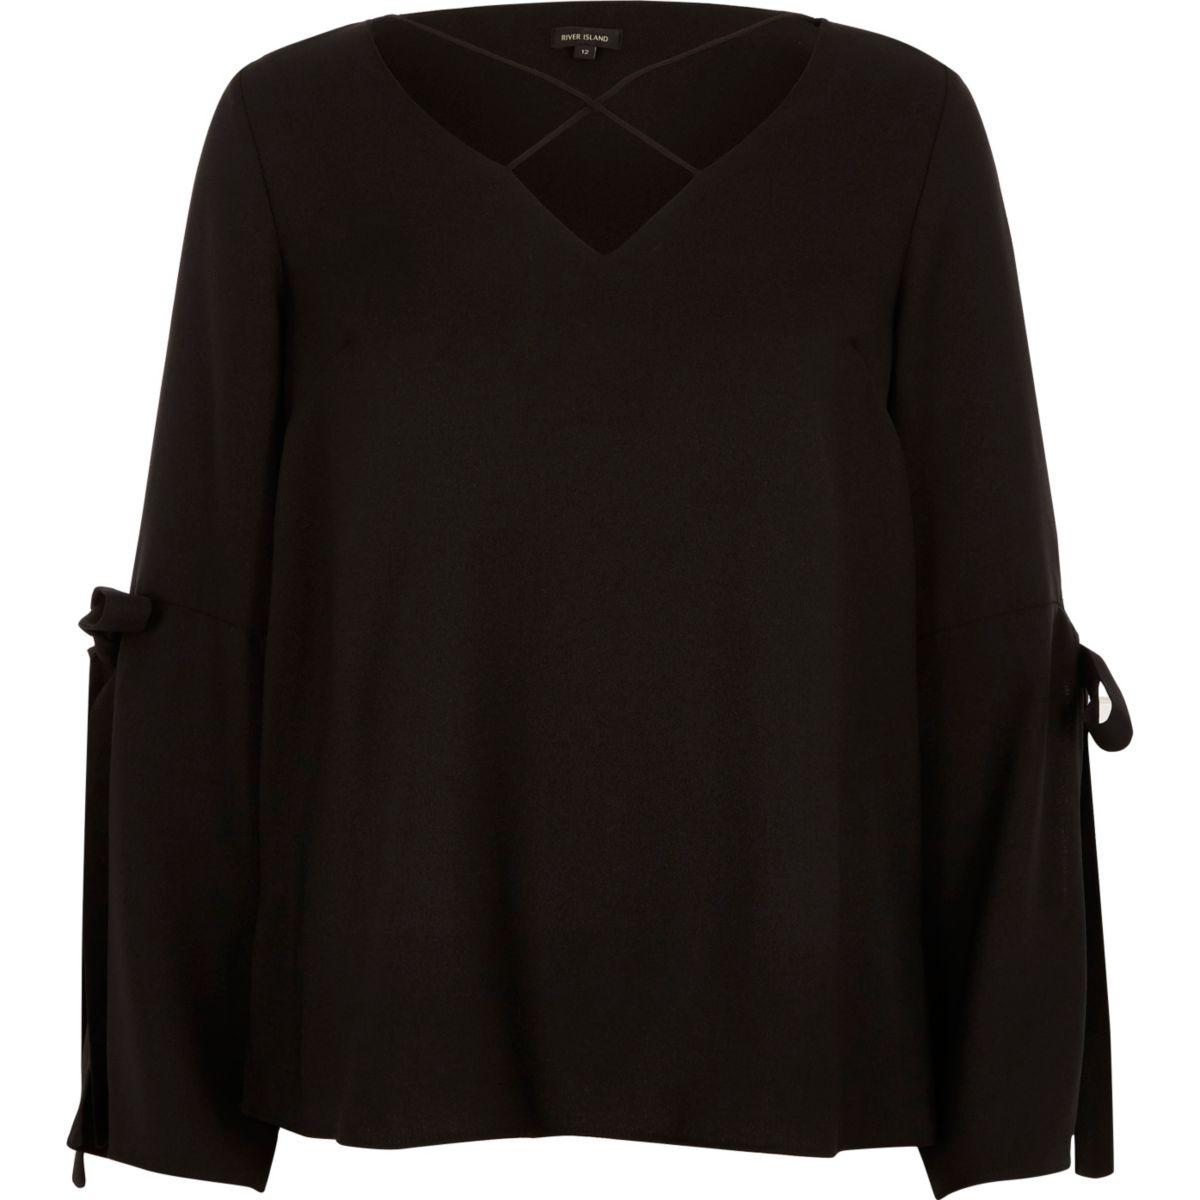 Black cross front split sleeve blouse